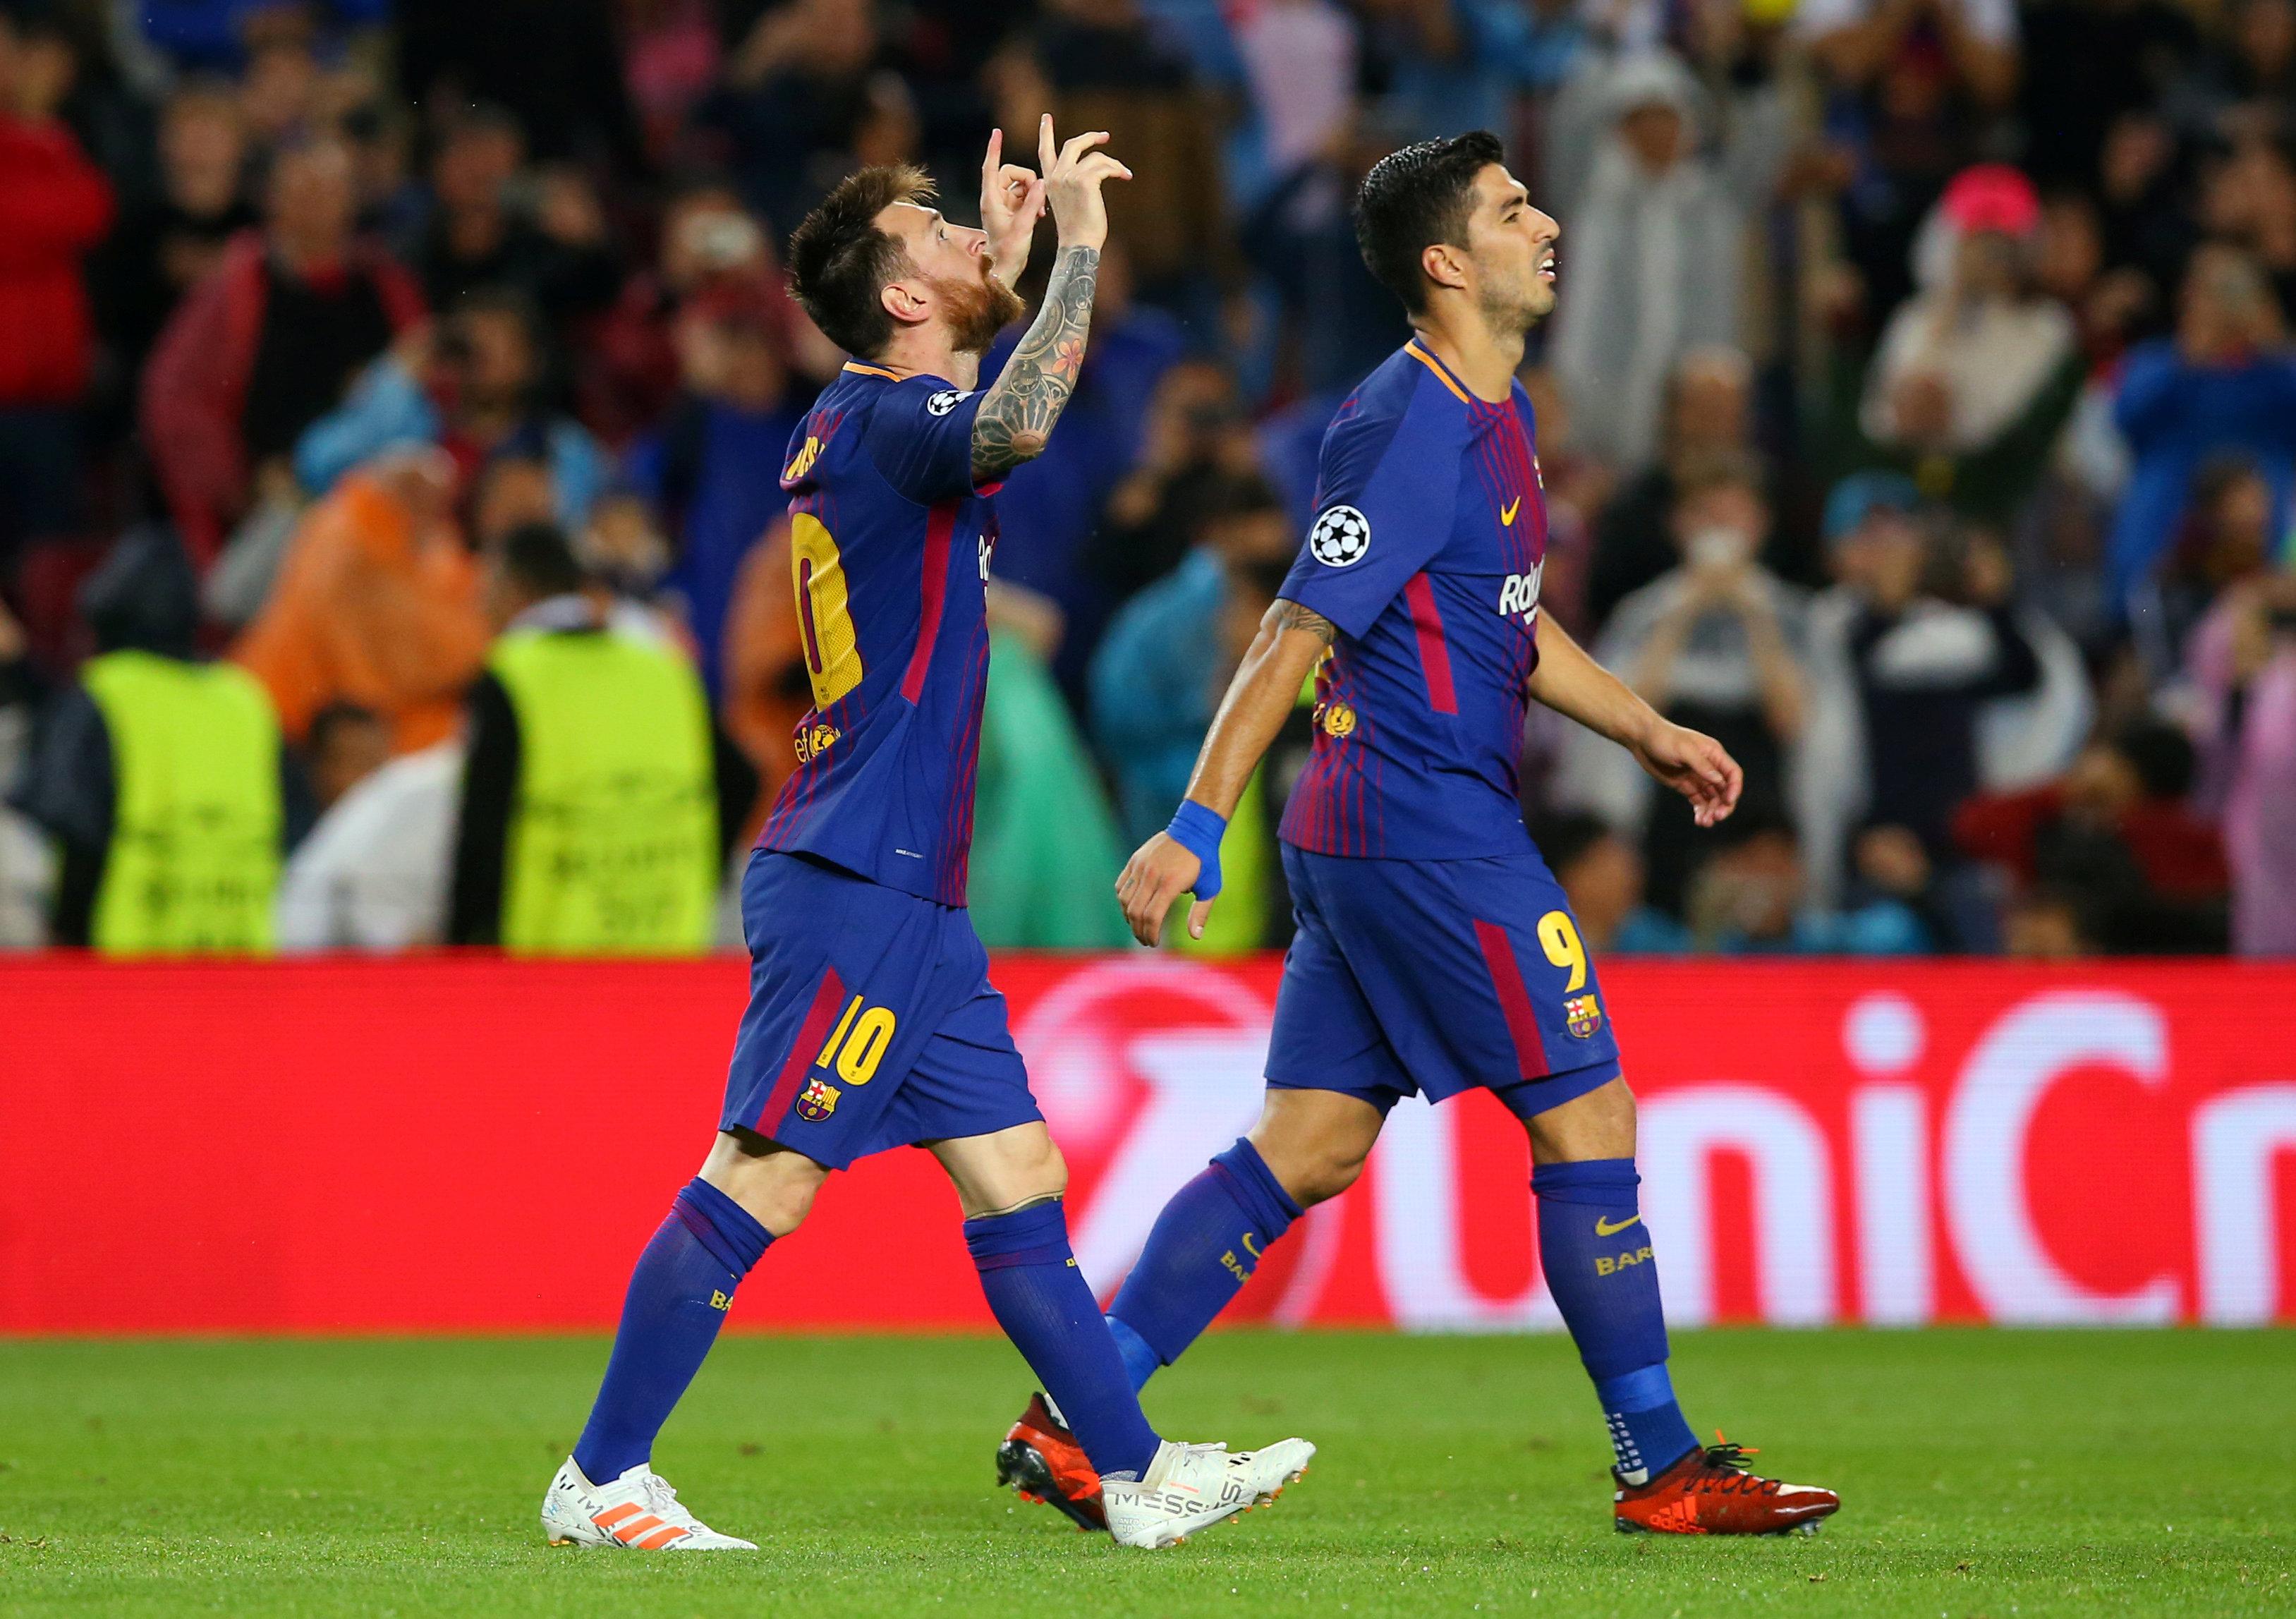 'Messi doorbreekt voortdurend barrières en spot met alle wetten'